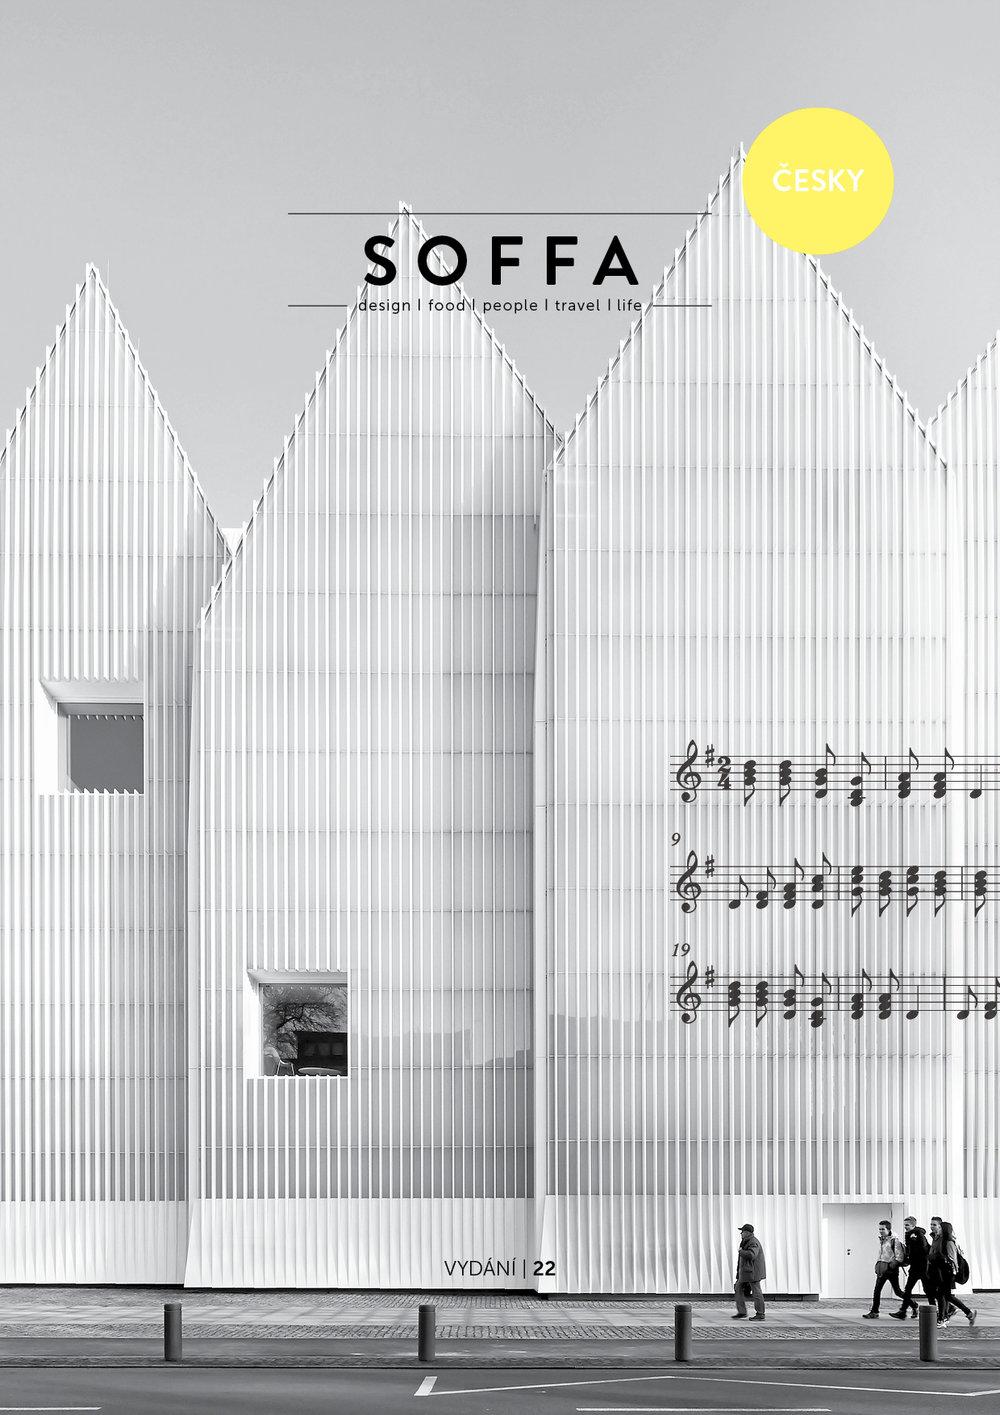 Soffa_magazine_22_hudba_obálka_CJ150dpi.jpg